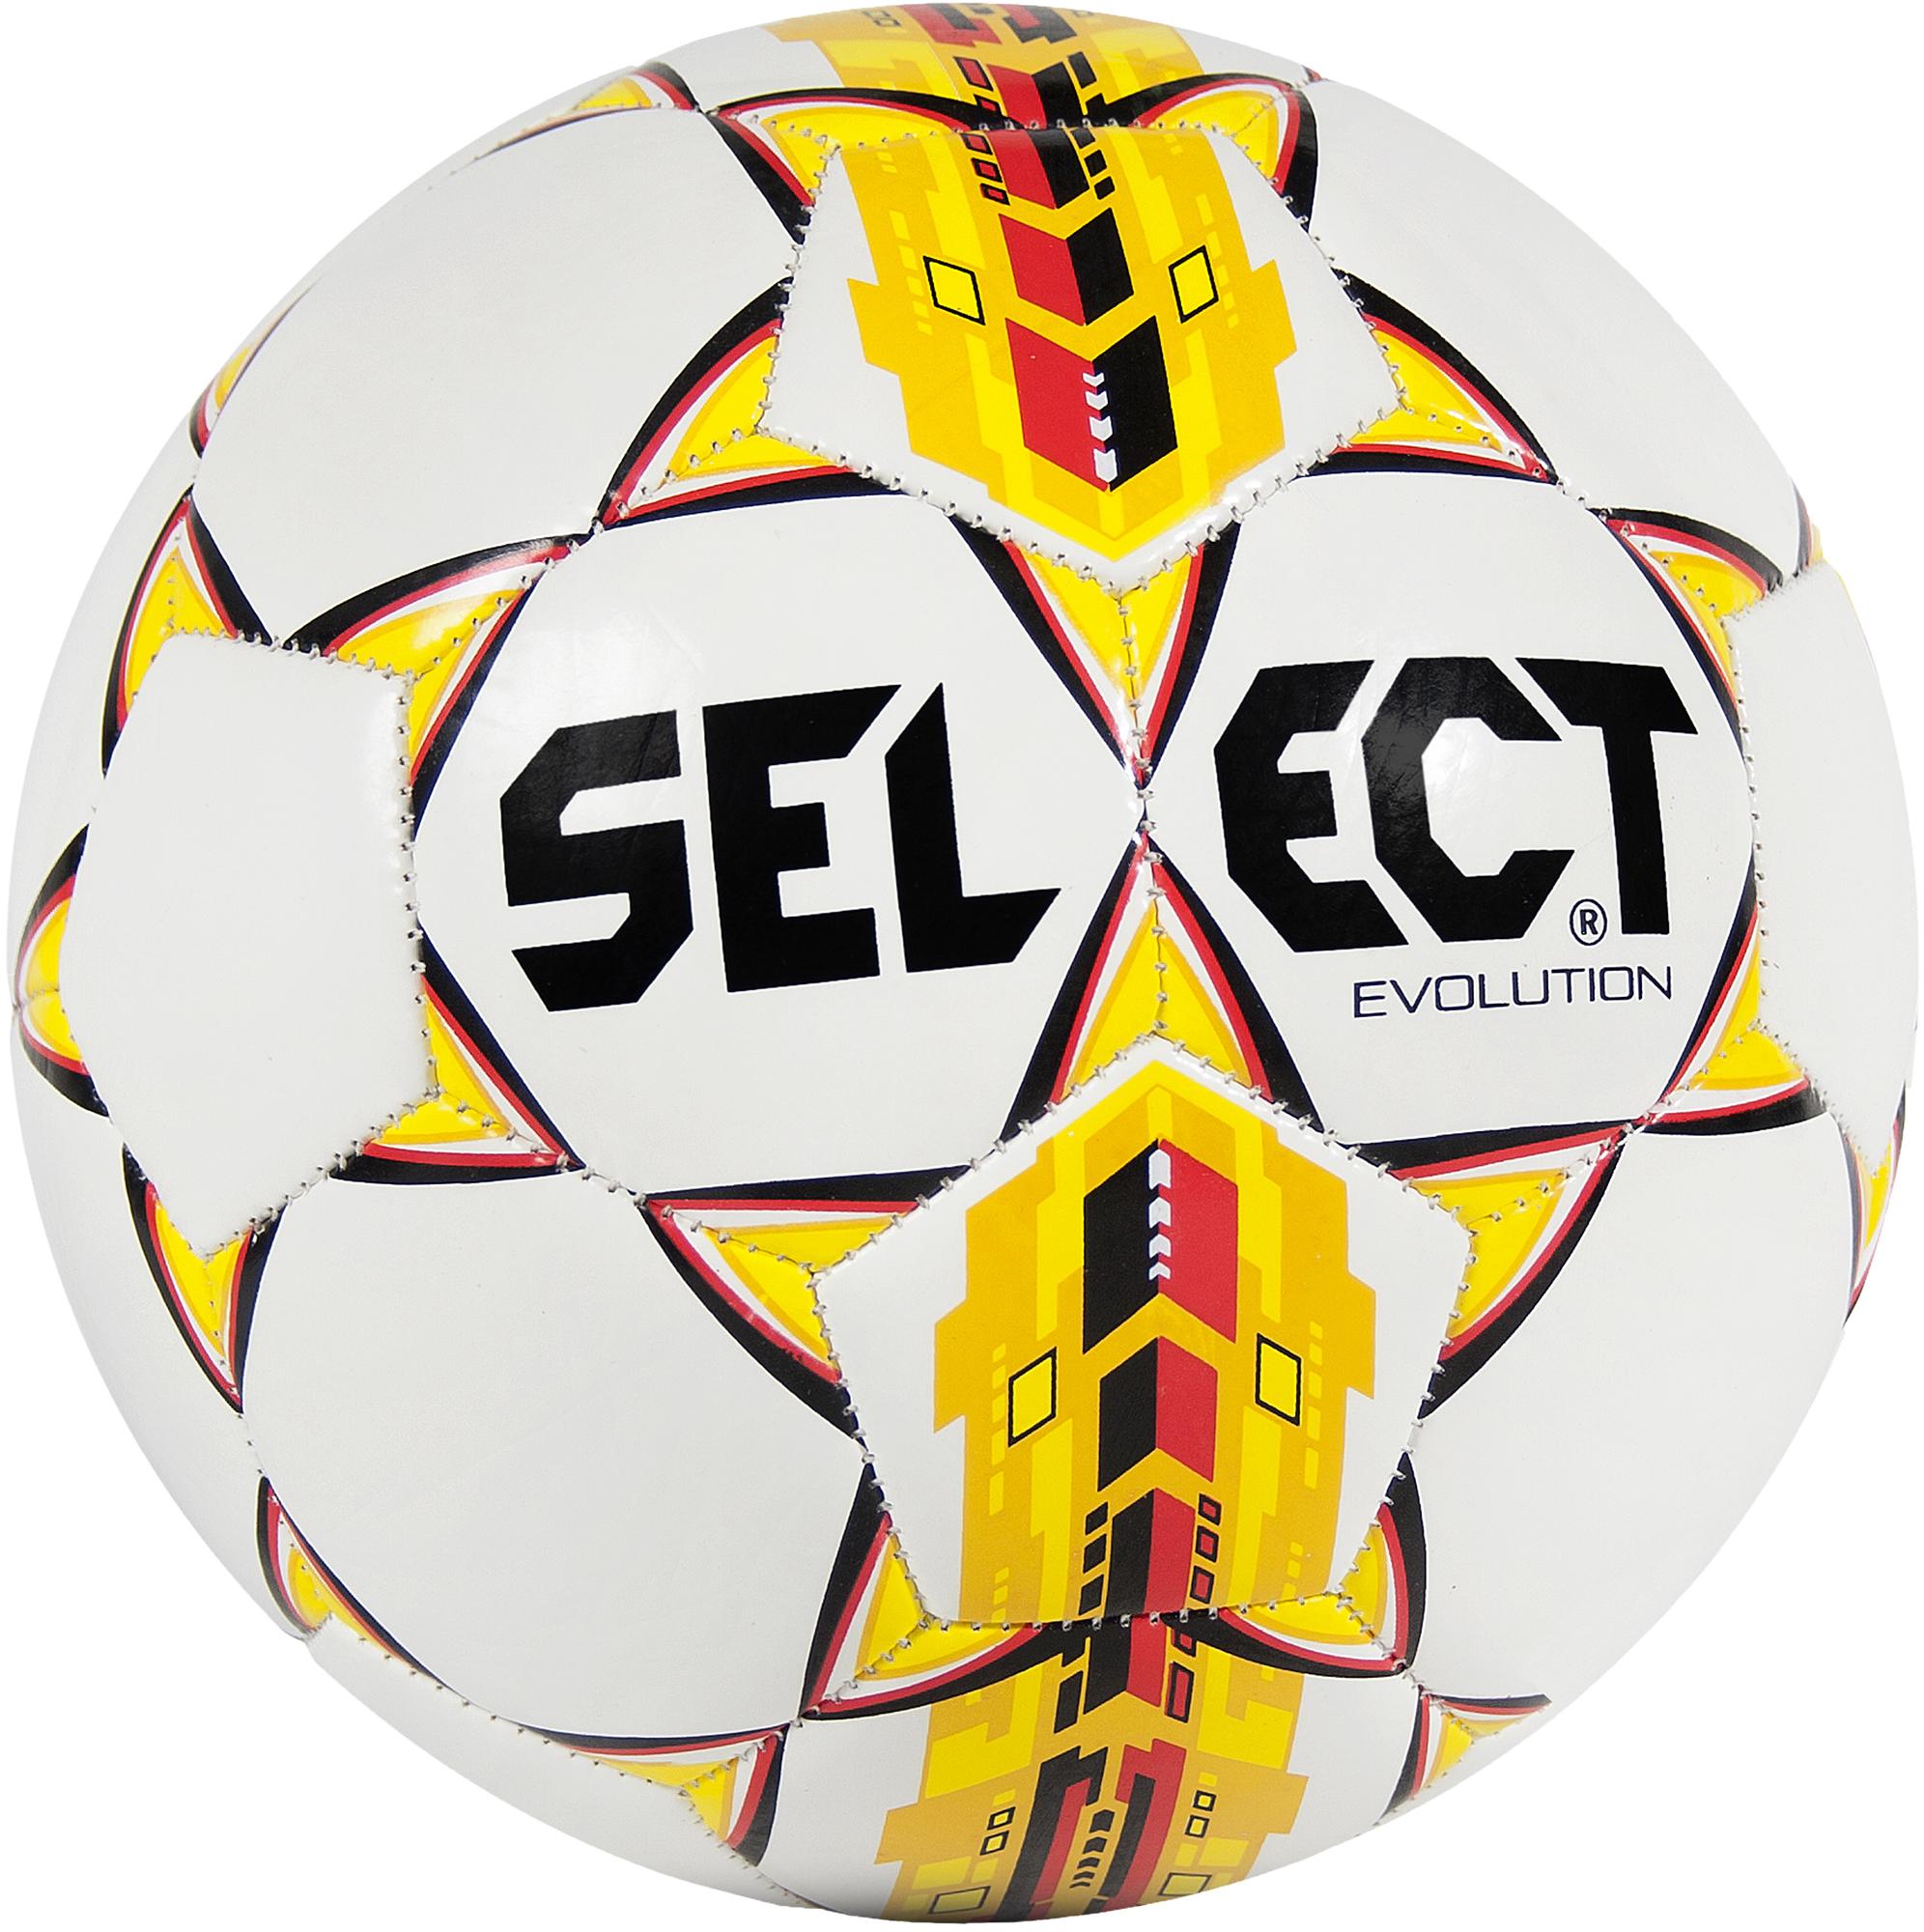 Select Мяч футбольный Select Evolution, размер 4 цена и фото